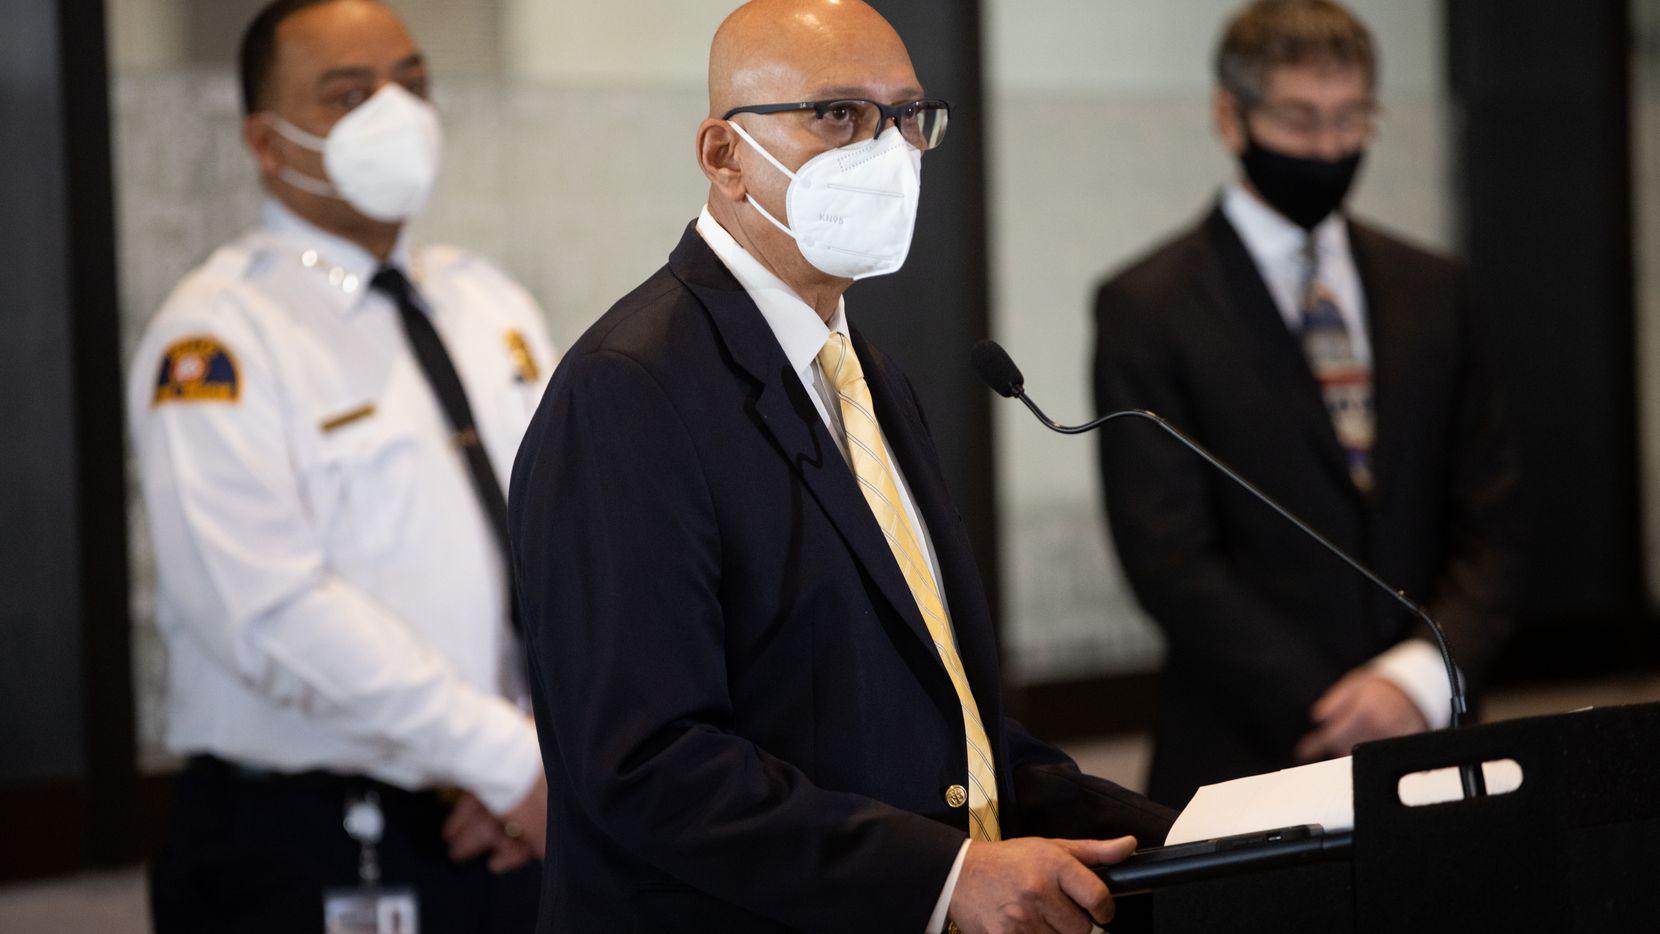 El director de Manejo de Emergencias de Dallas, Rocky Vaz, se dirigió a los medios durante una rueda de prensa esta semana.